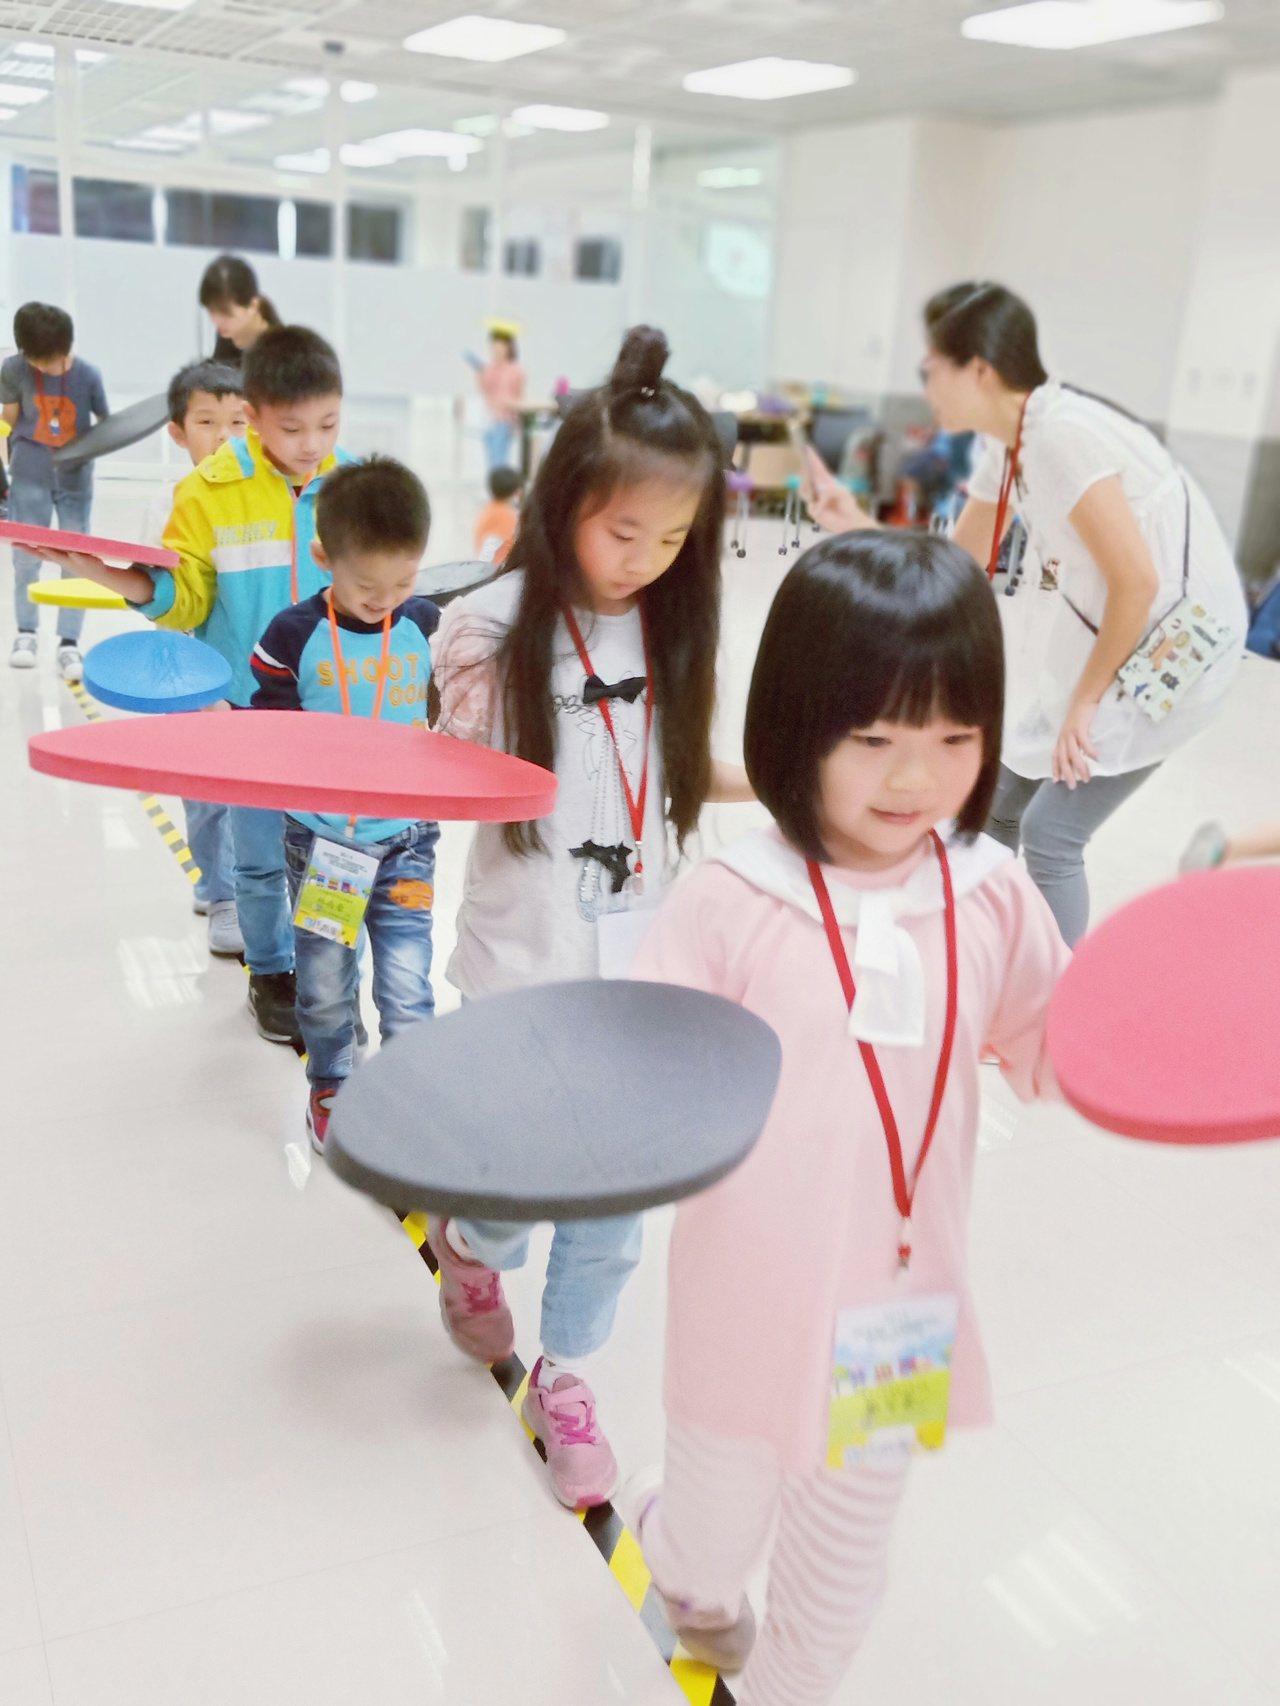 聯合新聞網:從遊戲中學習,從手作中進行創作,讓孩子們的想像力充份發揮。圖/中華電...